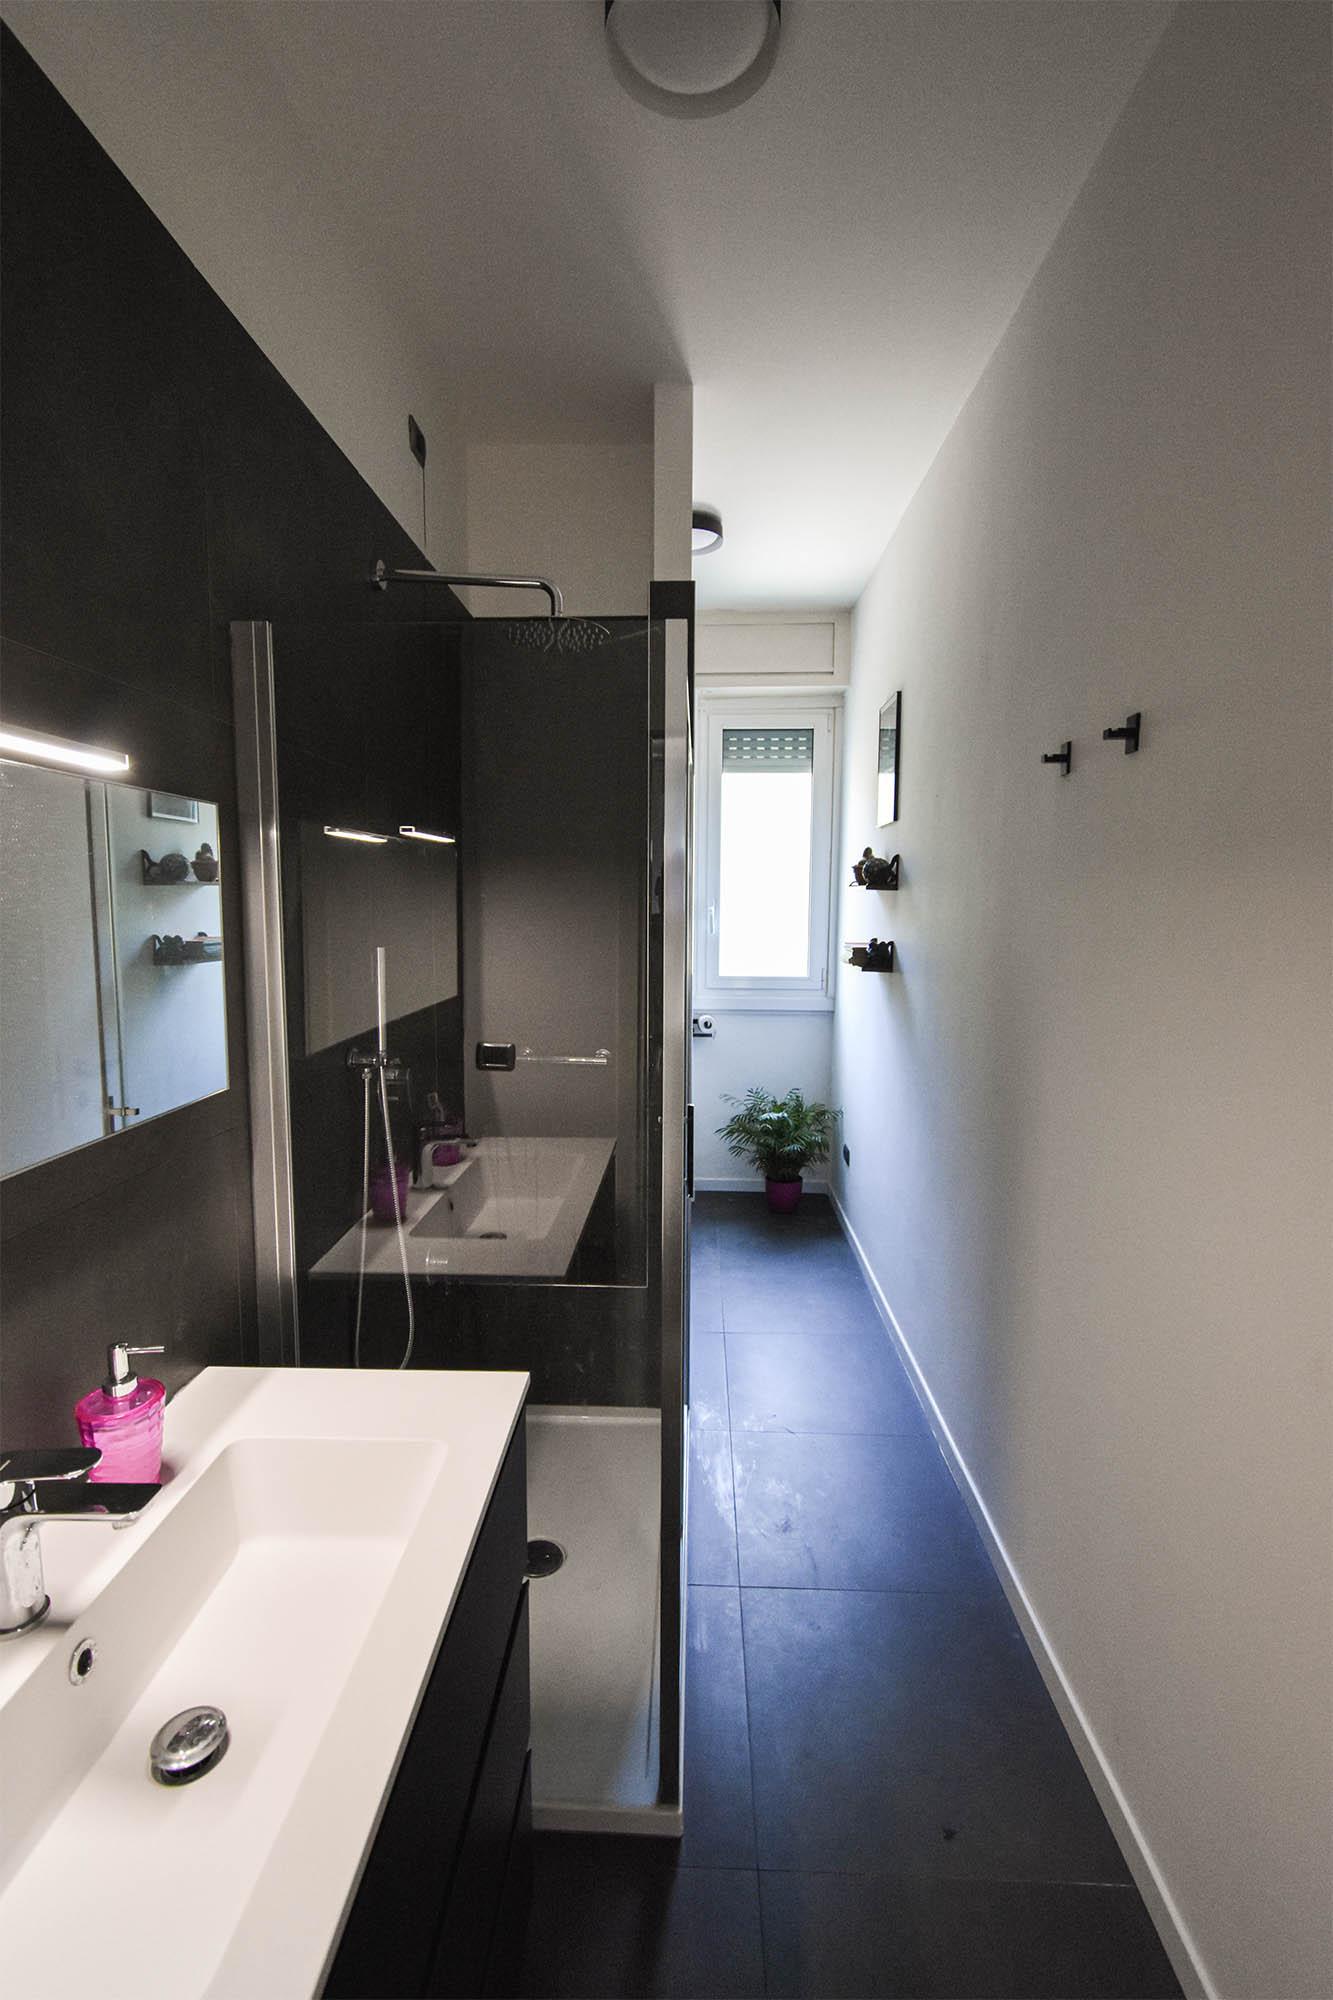 bagno design bianco e nero (3)